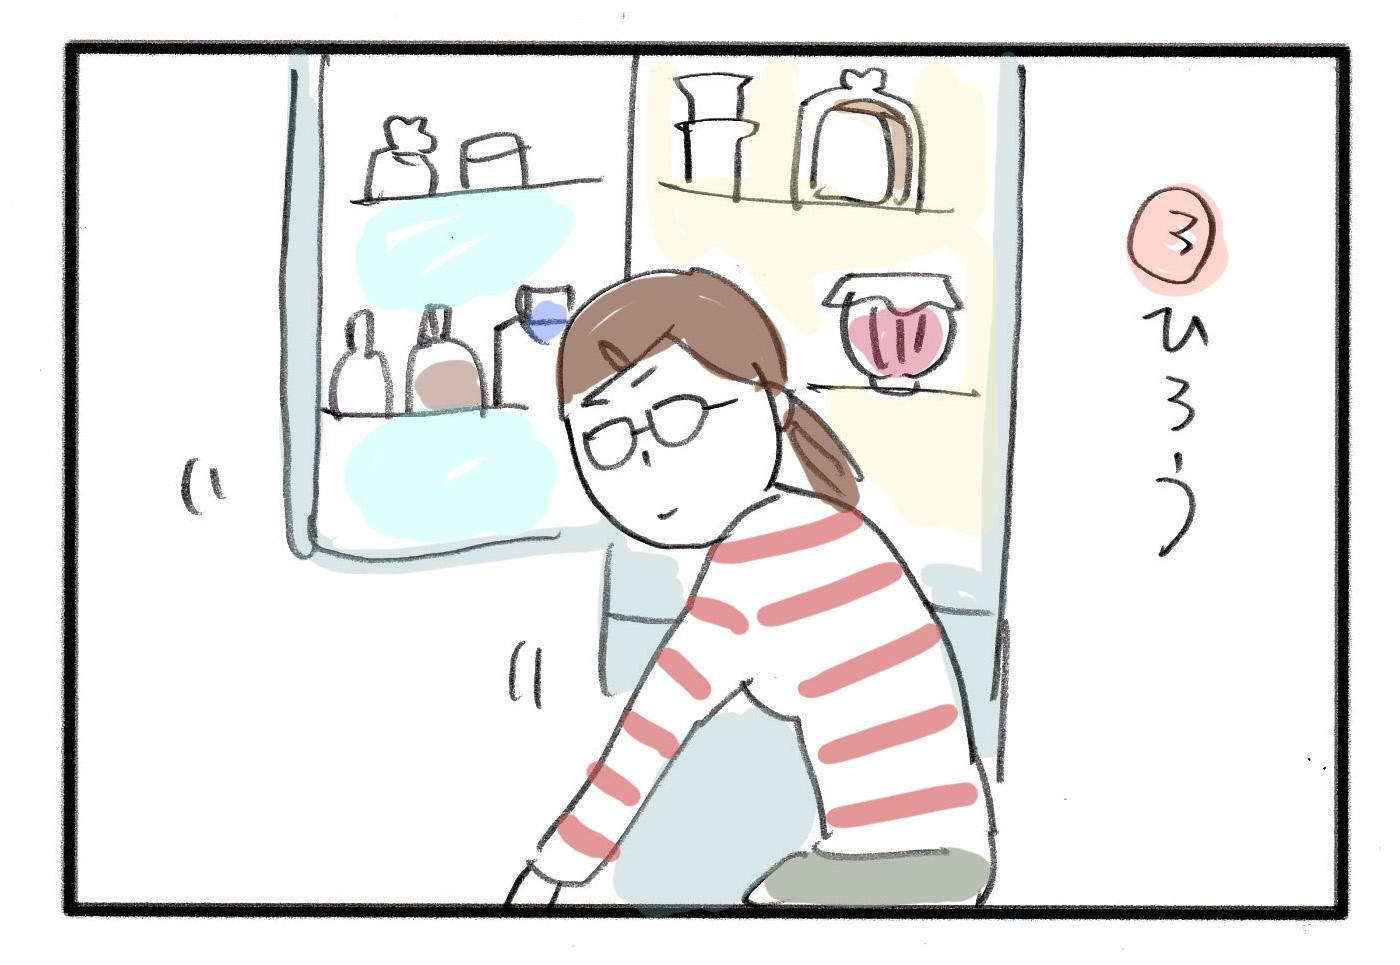 痛いー!!ズボラママに仕掛けられた冷蔵庫の罠|ロイ子の3姉妹日記